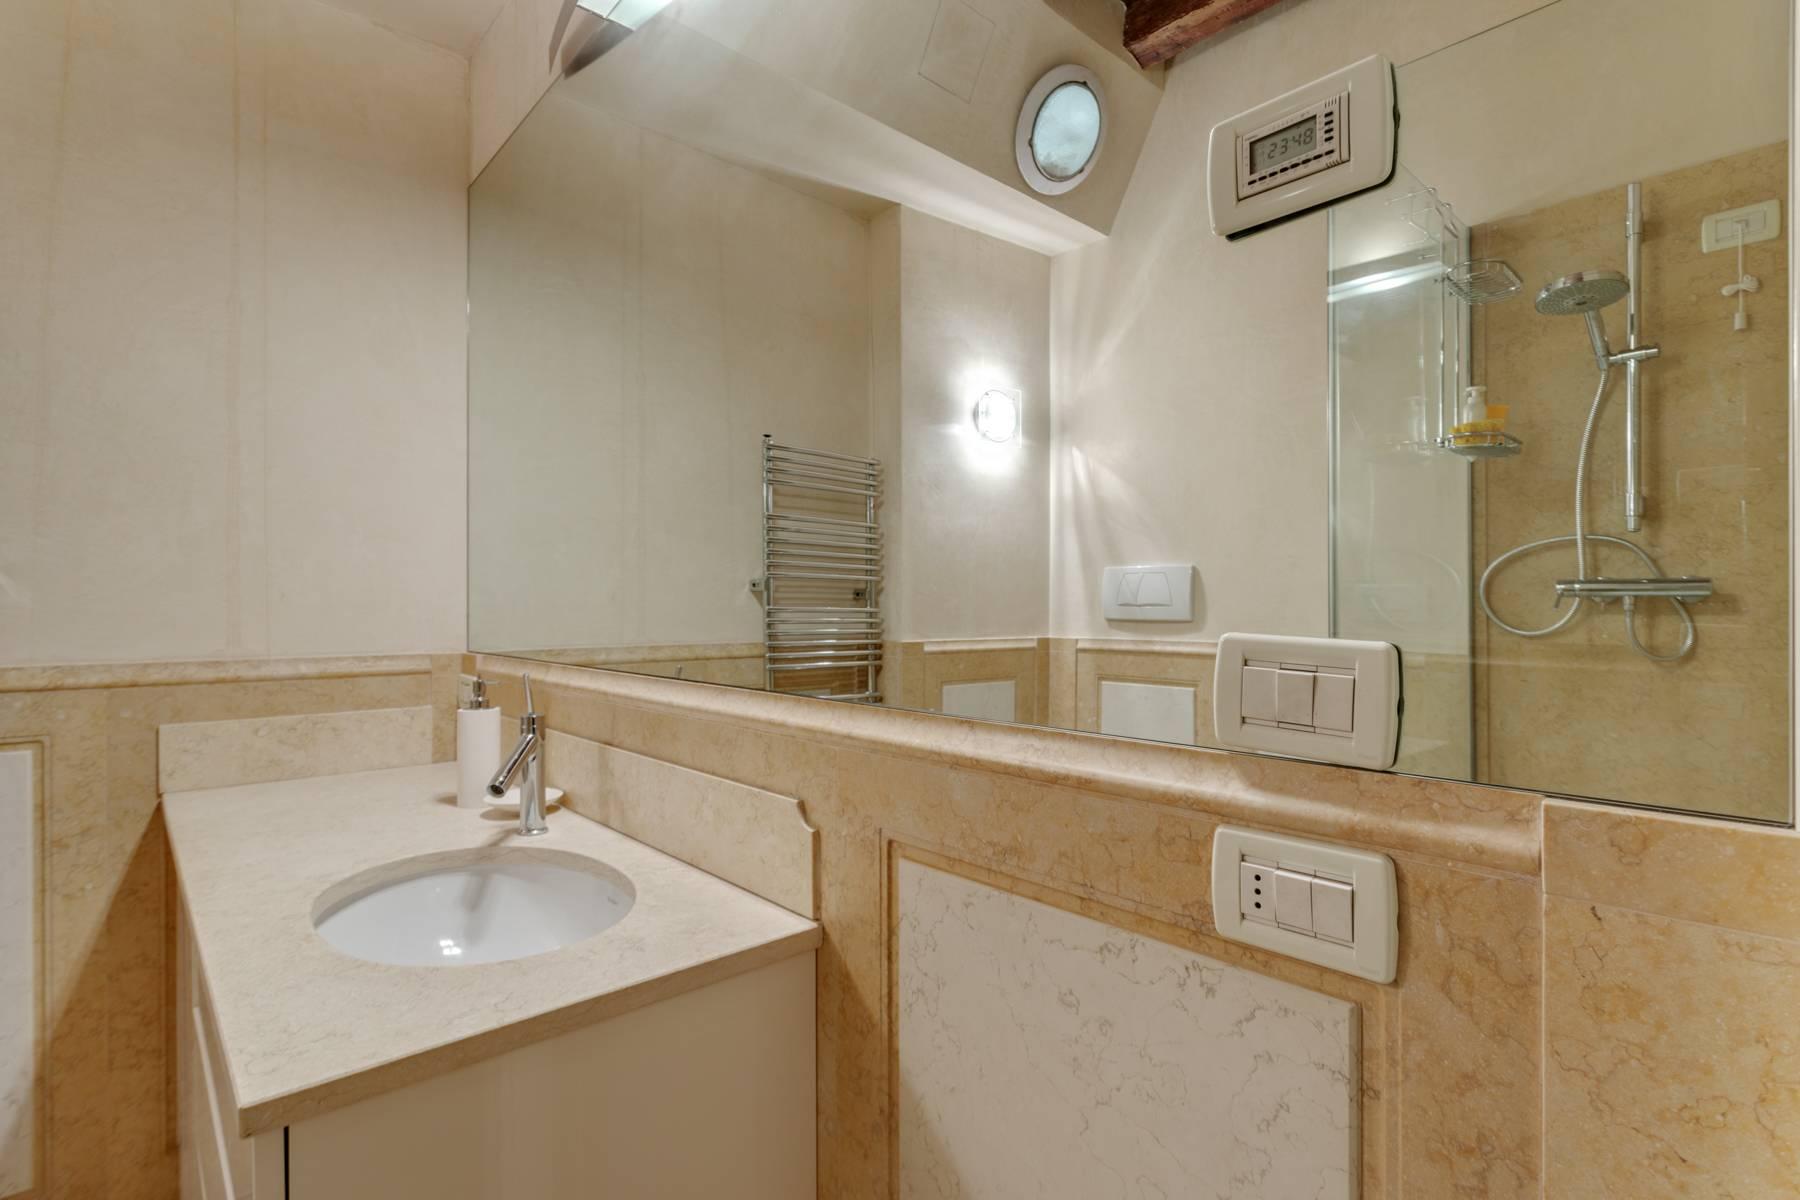 Appartamento in Vendita a Verona: 3 locali, 55 mq - Foto 19